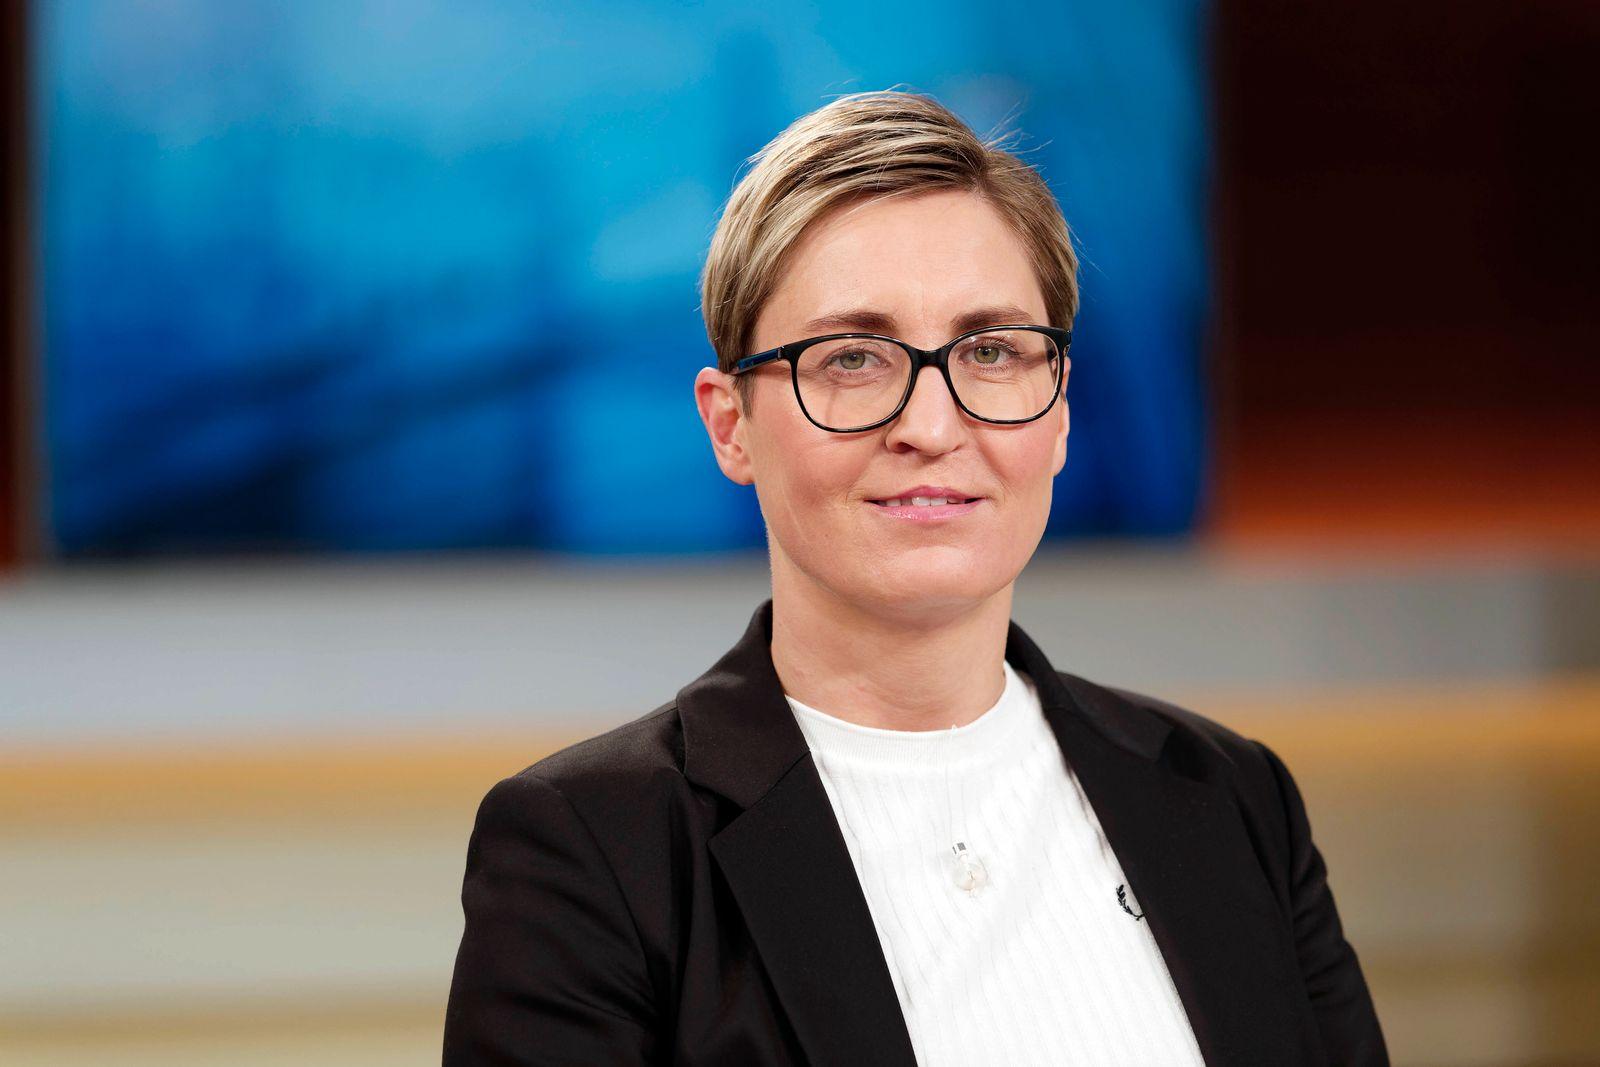 Susanne Hennig-Wellsow 2020-02-23, Berlin, Deutschland Susanne Hennig-Wellsow (Die Linke), Landesvorsitzende und Frakti